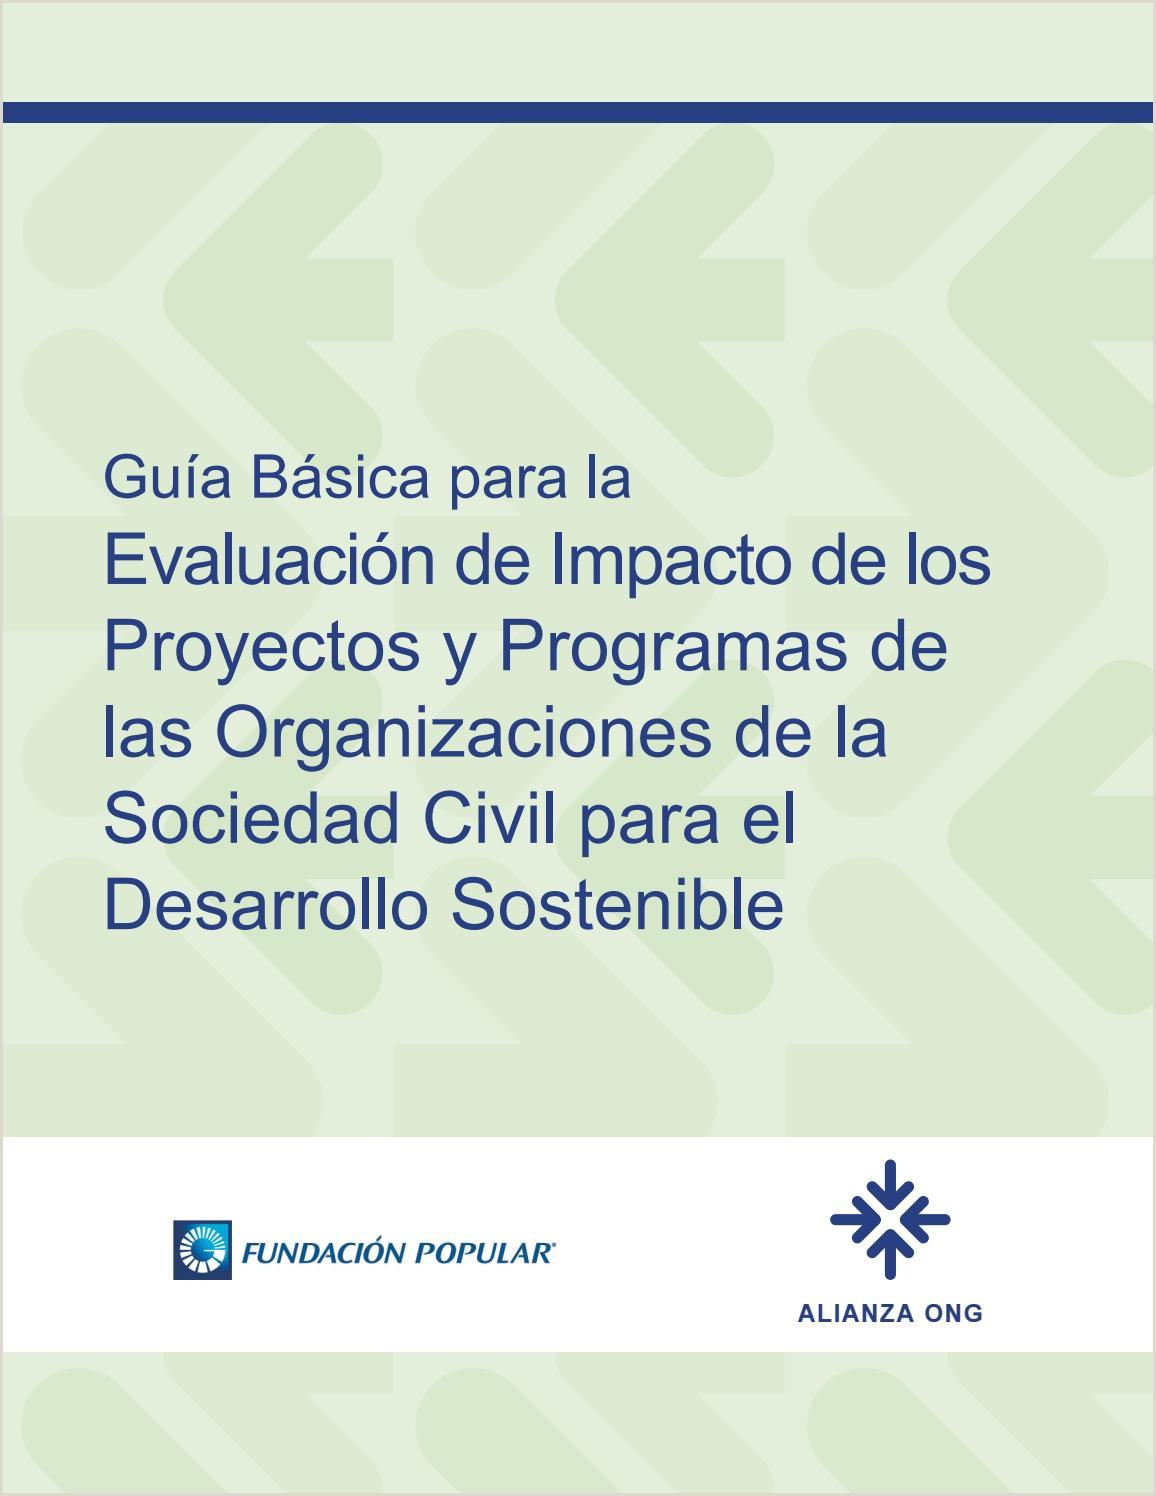 Formato De Hoja De Vida Banco Popular Gua Básica Para La Evaluaci³n De Impacto De Los Proyectos Y